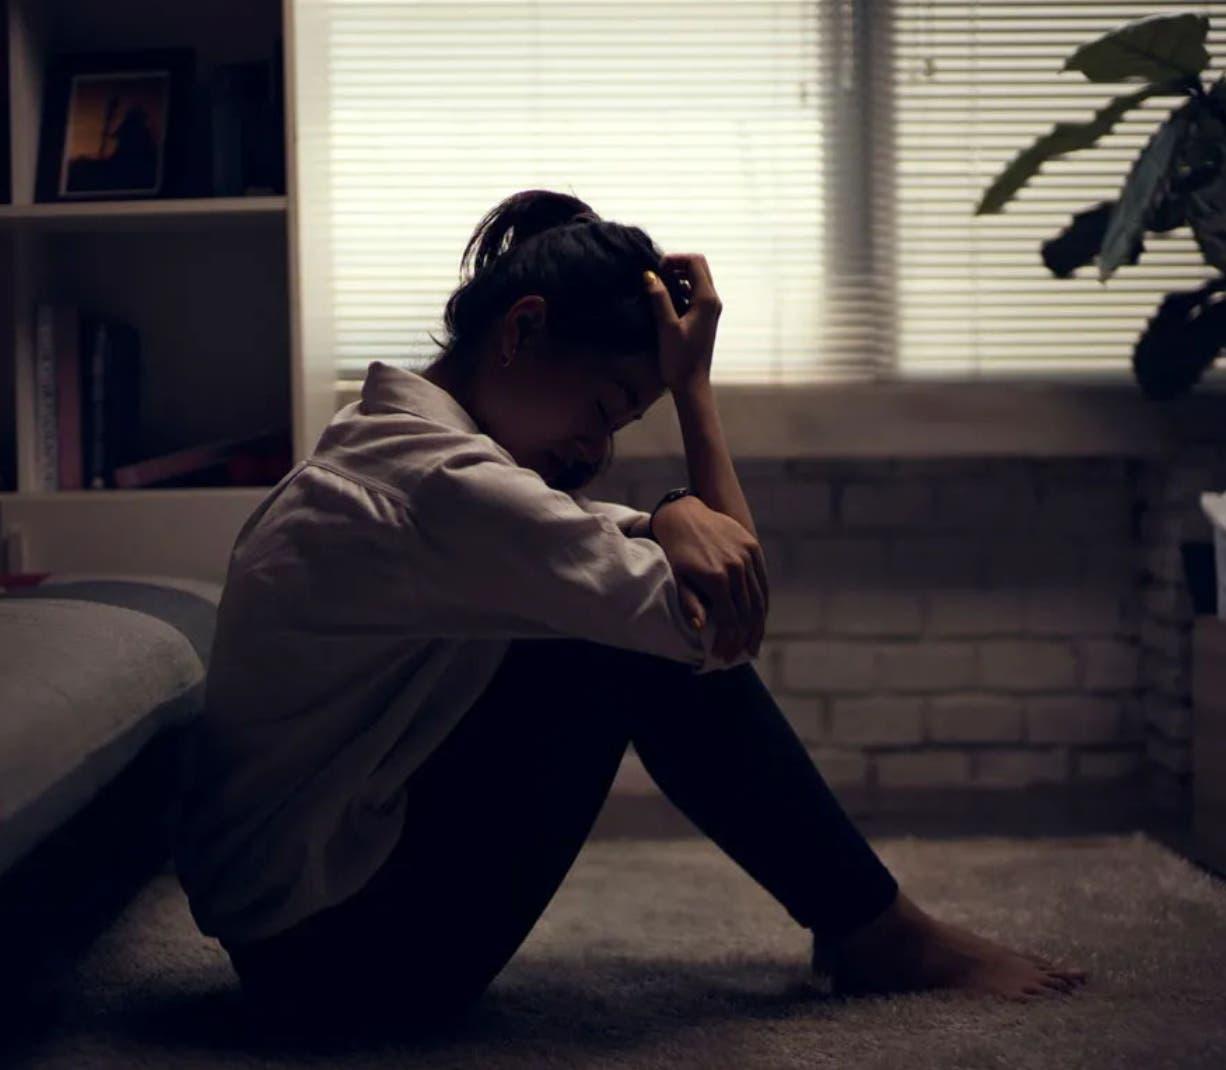 Incidencia del suicidio es un grave problema de  salud mundial